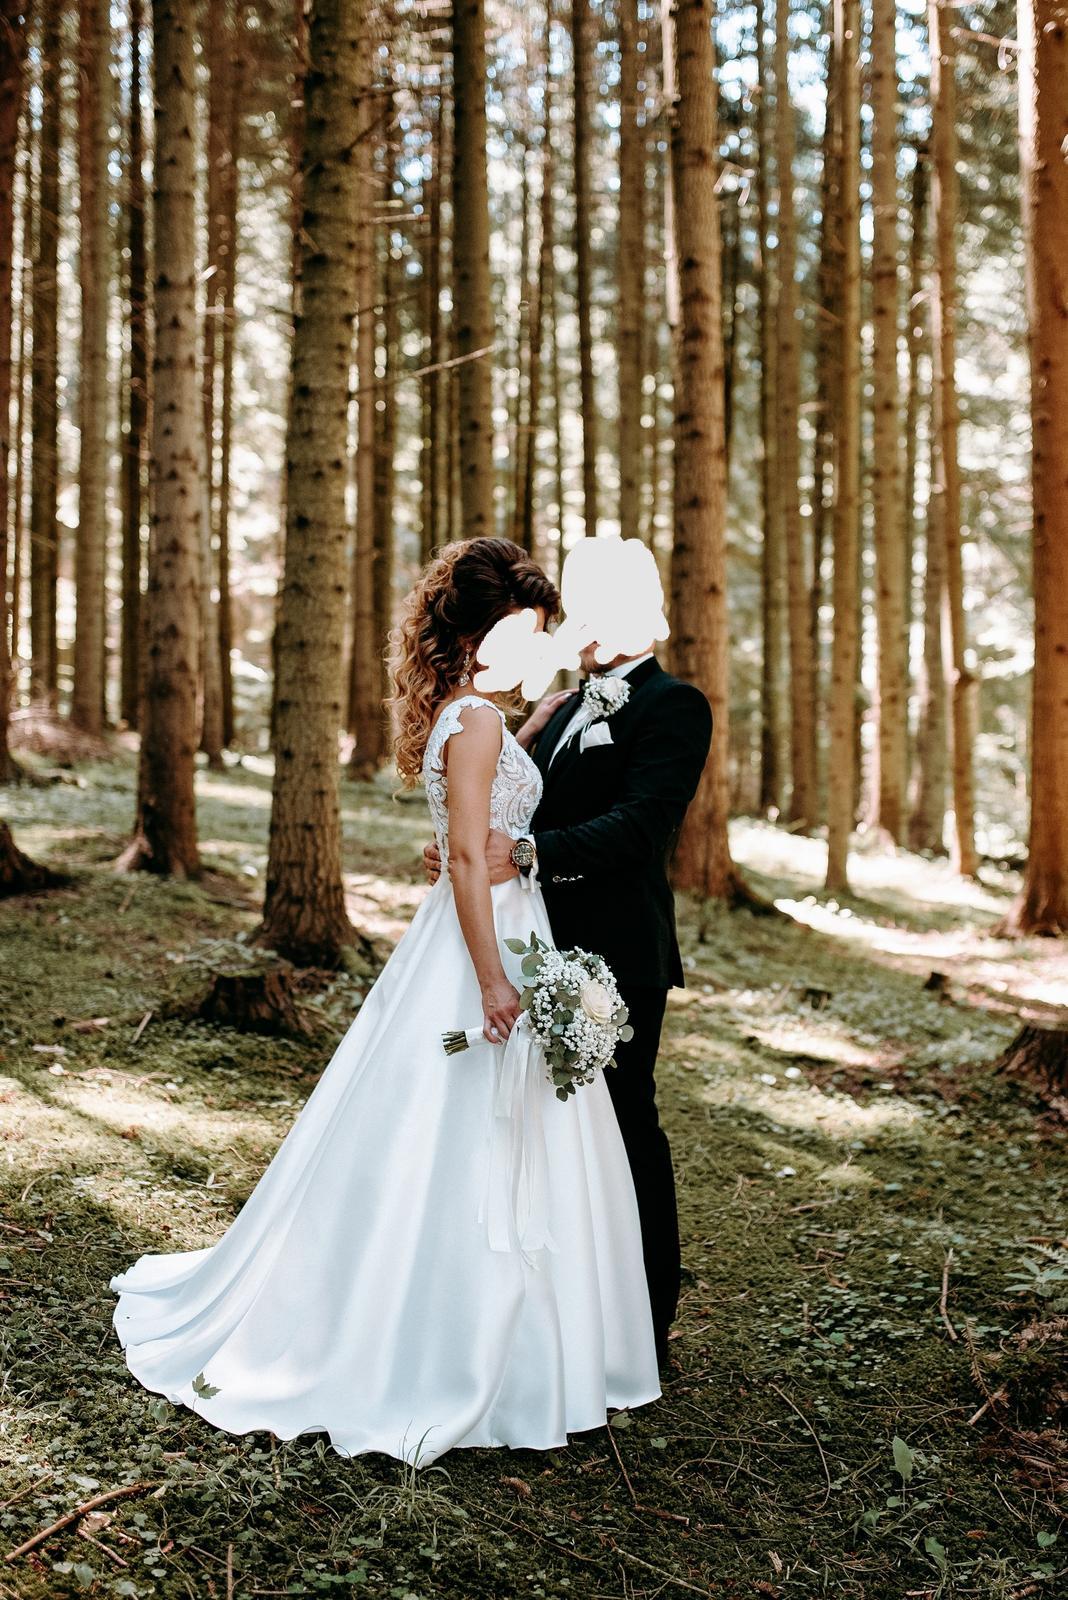 REZERVOVANÉ - Predám svadobné šaty - Obrázok č. 2